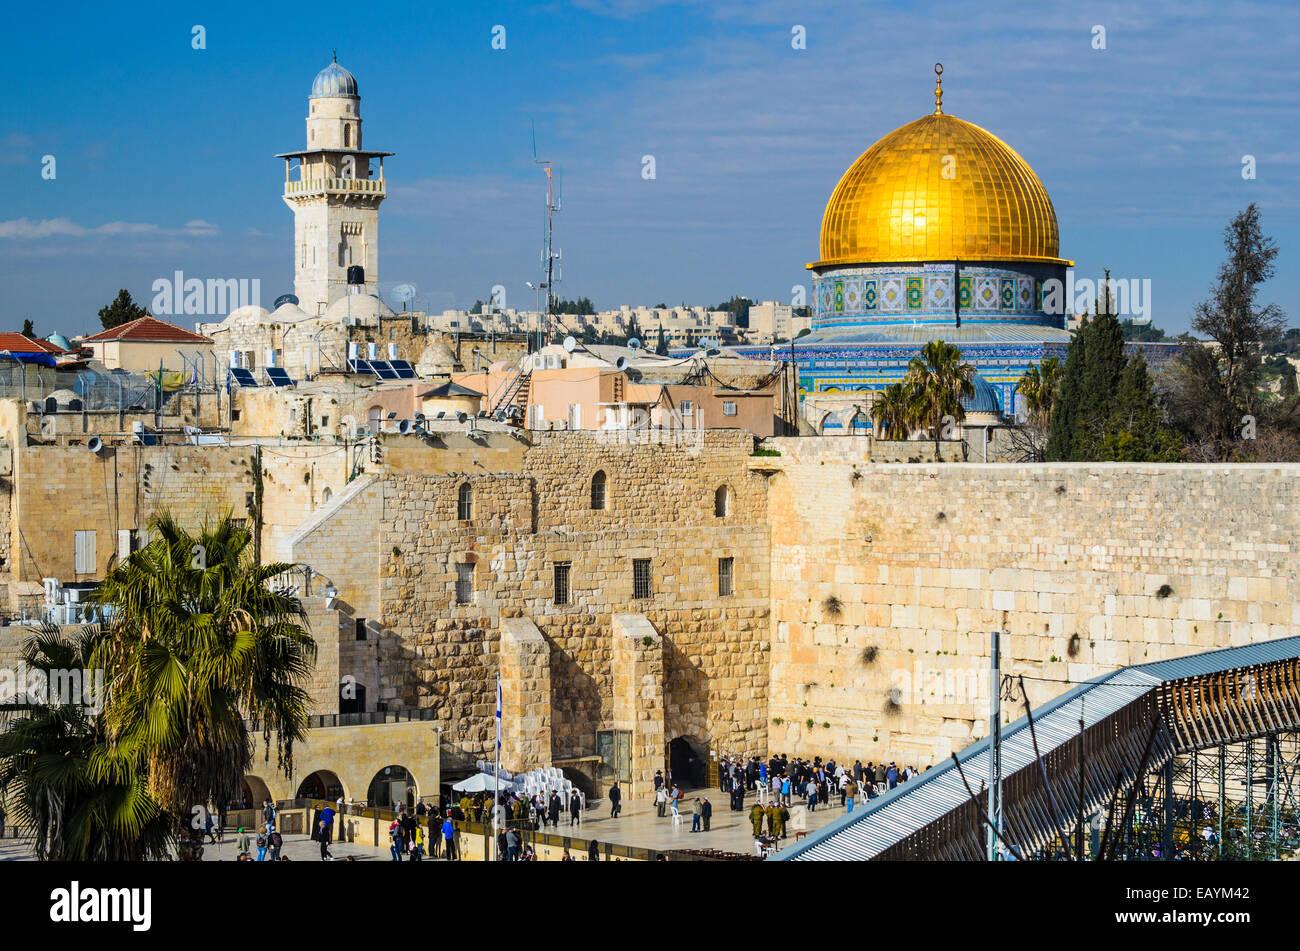 Gerusalemme, Israele Città Vecchia cityscape presso la Montagna del Tempio e Cupola della roccia. Immagini Stock